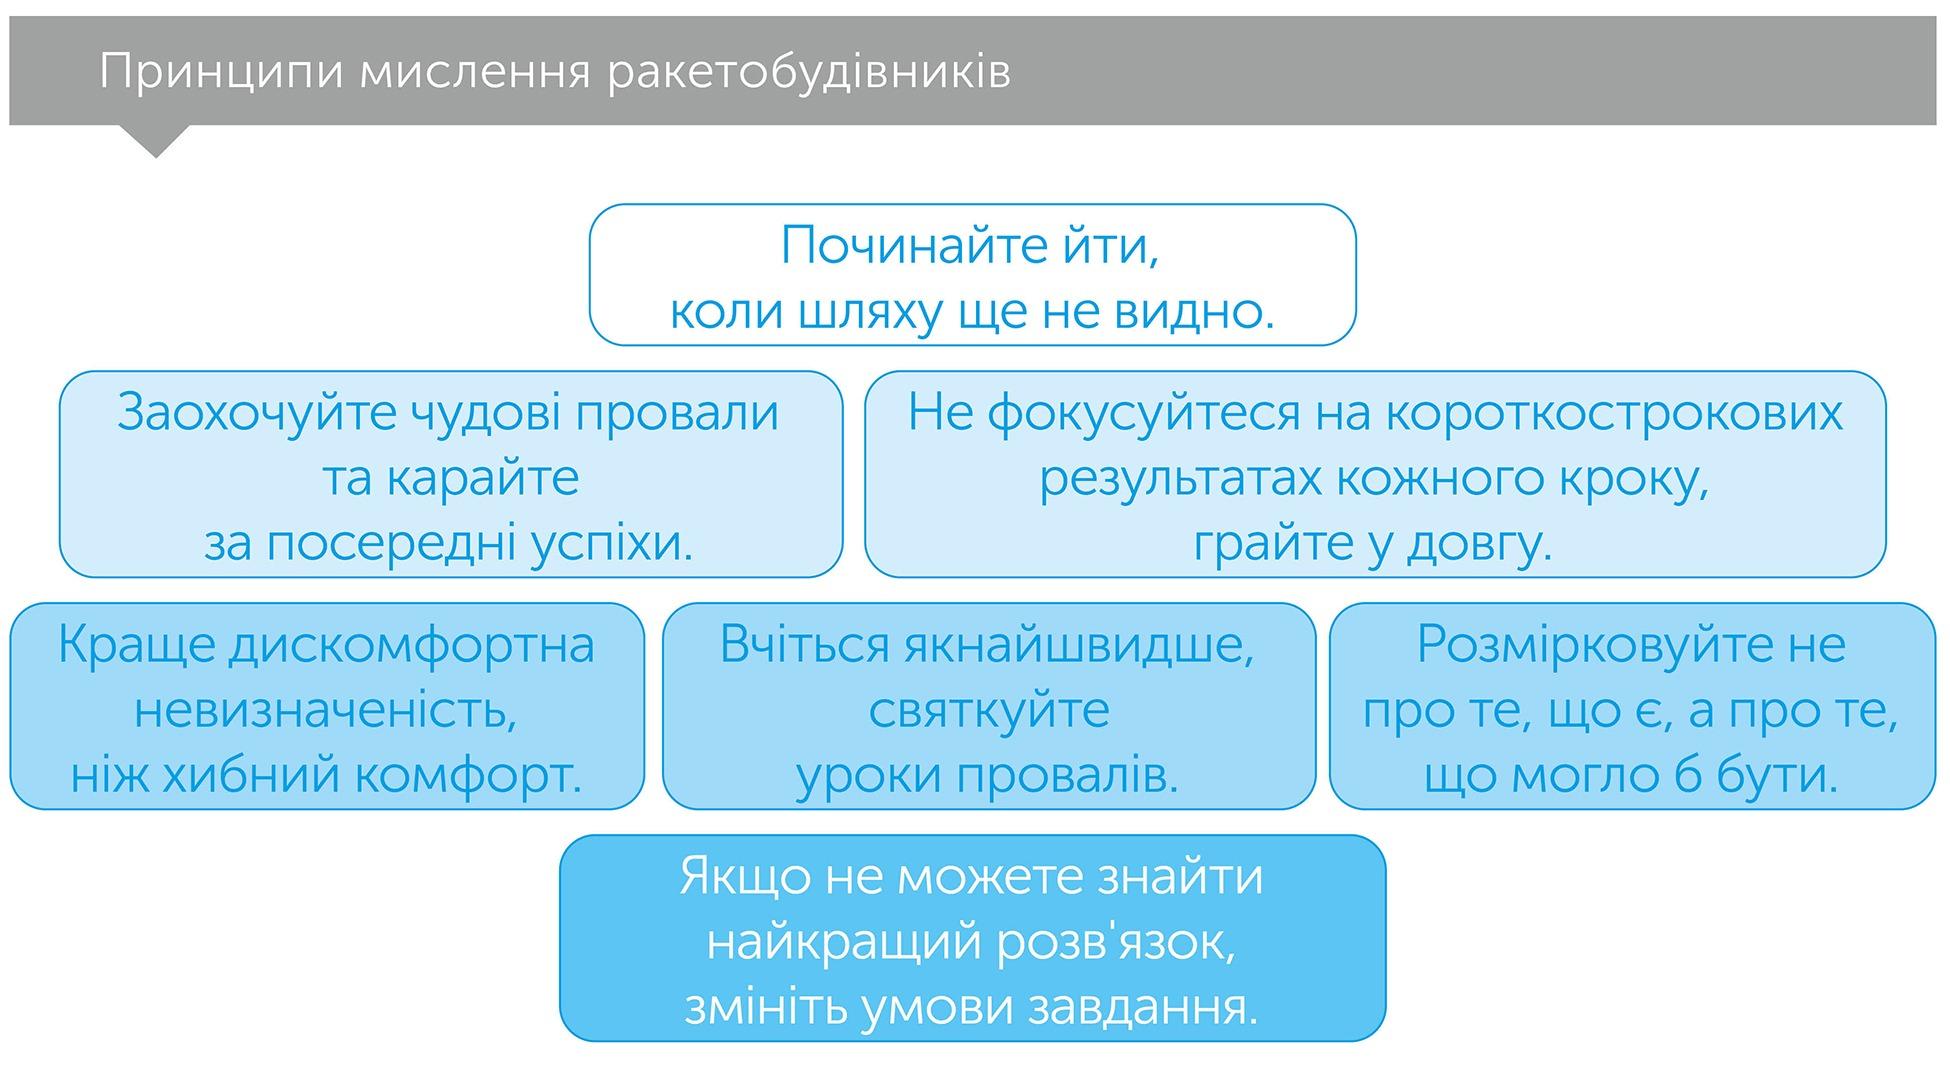 Думай, як ракетобудівник, автор Озан Варол | Kyivstar Business Hub, зображення №2